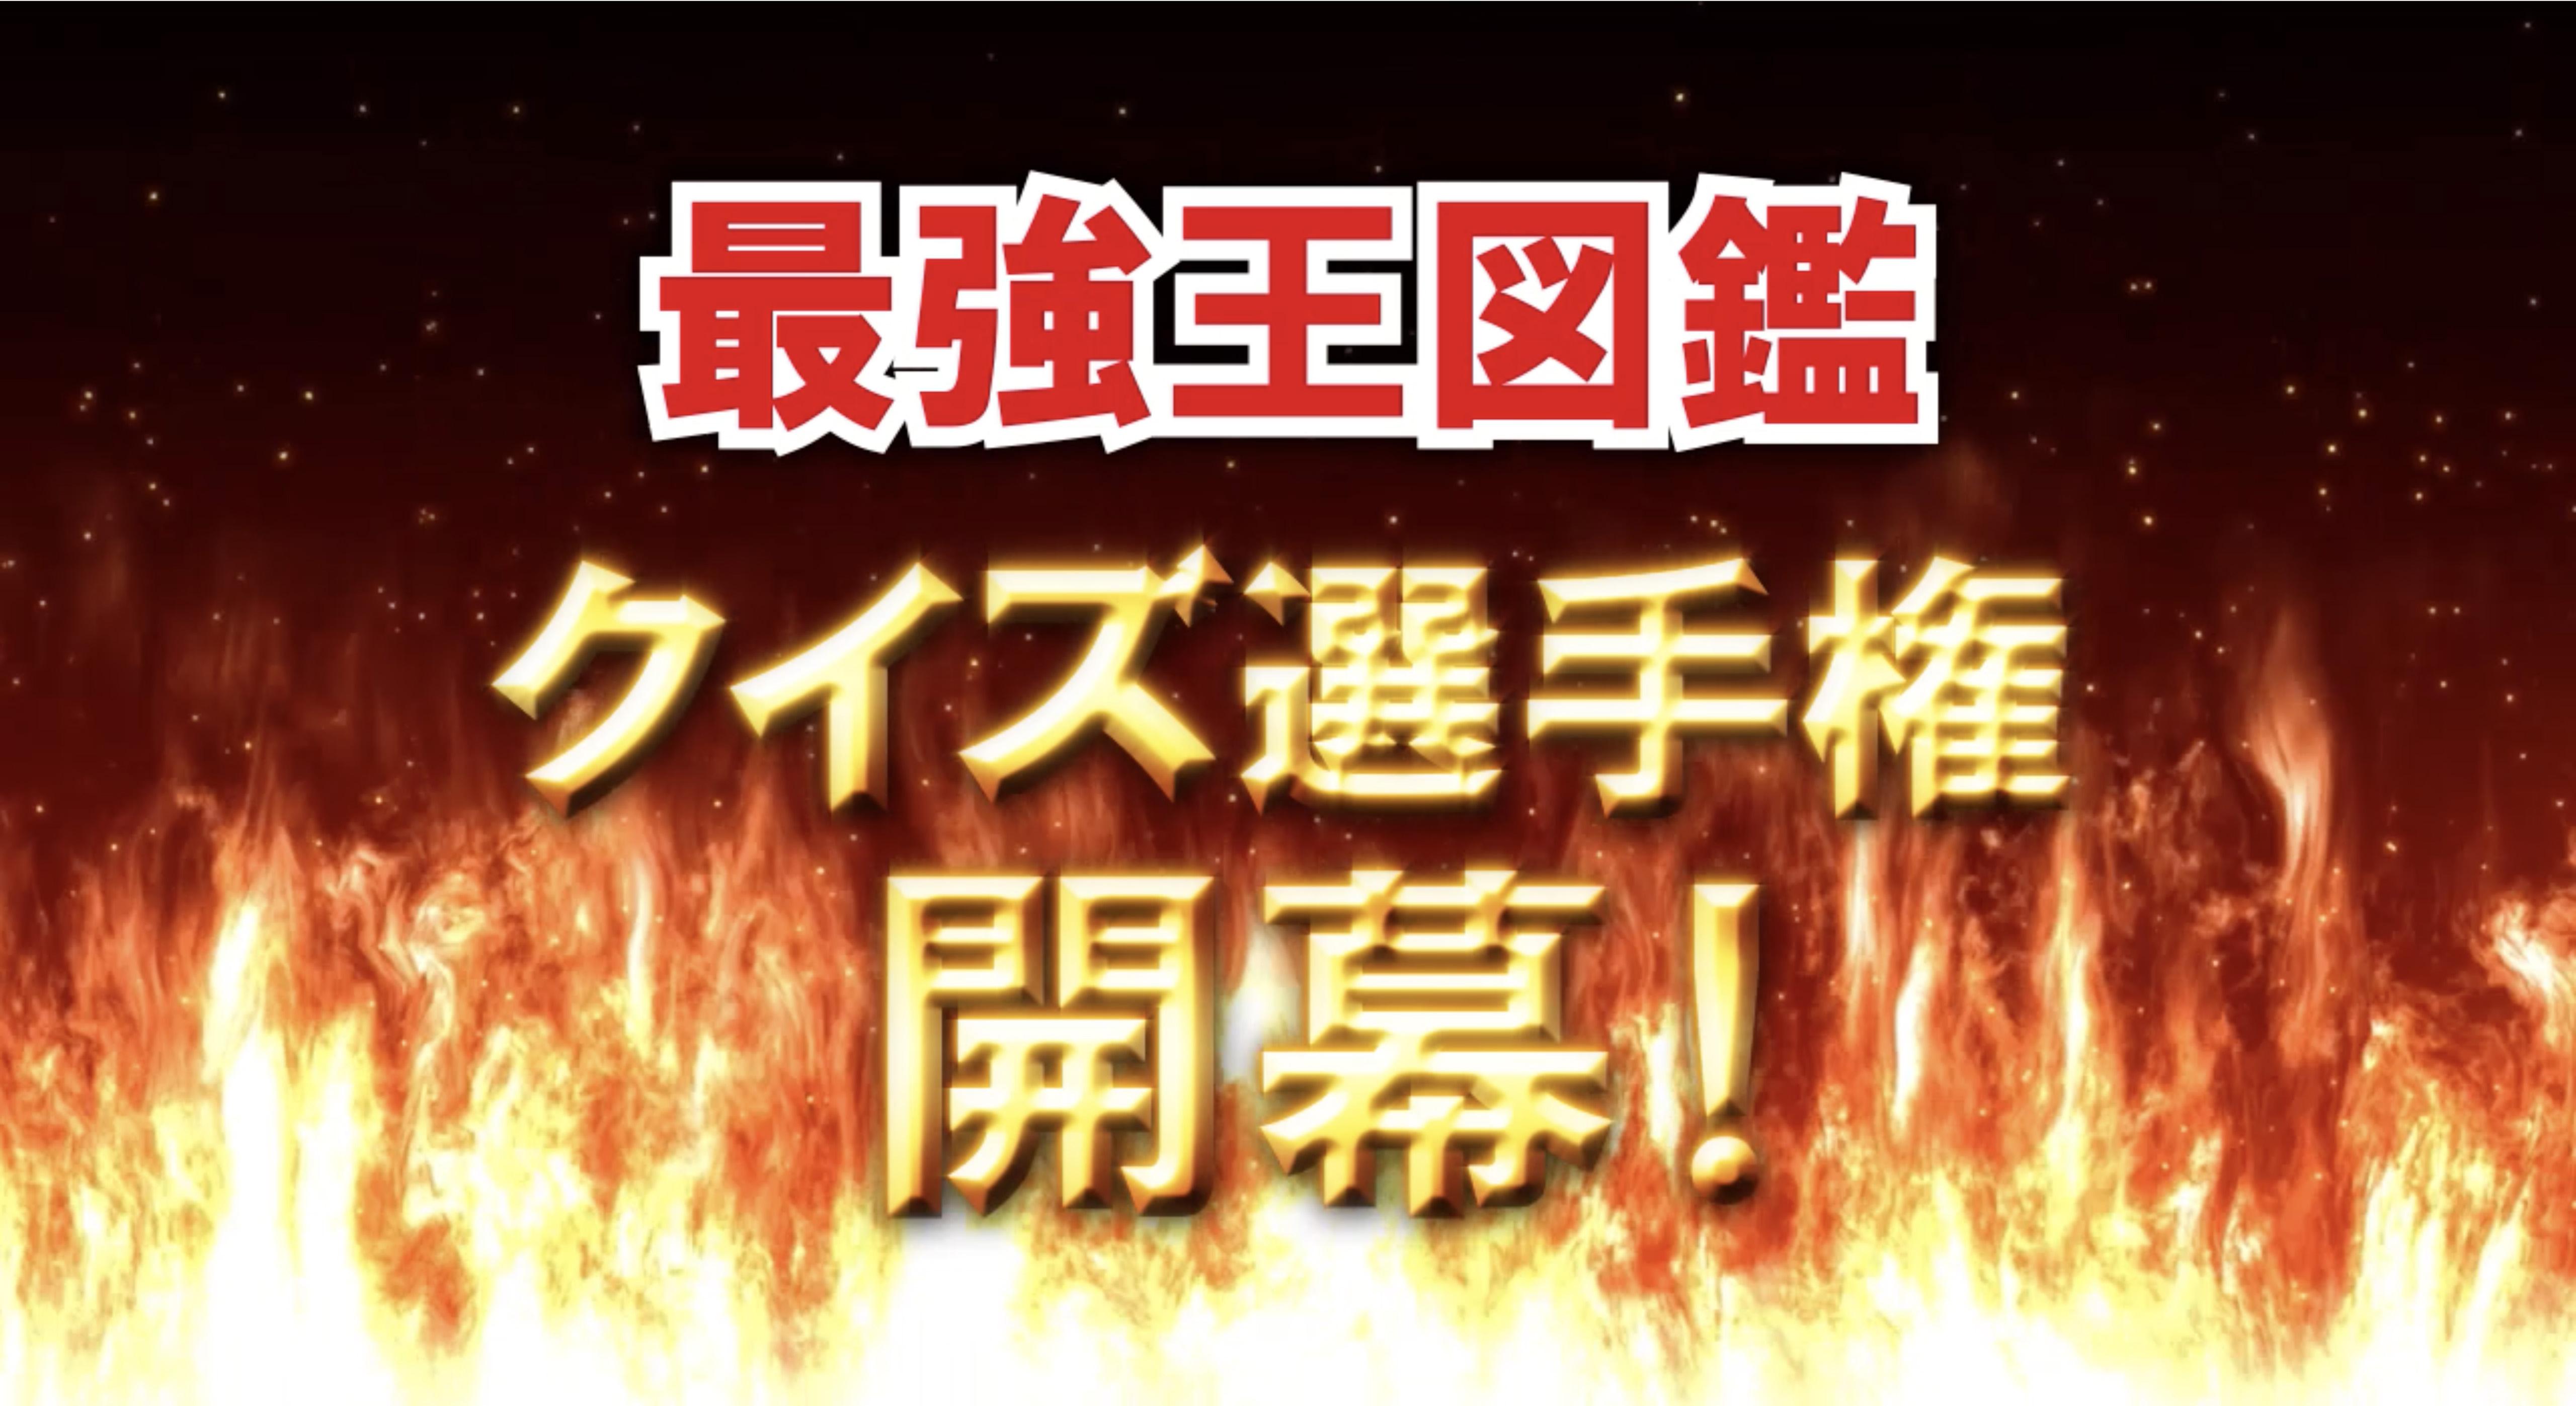 『最強王図鑑クイズ選手権』開幕告知画像